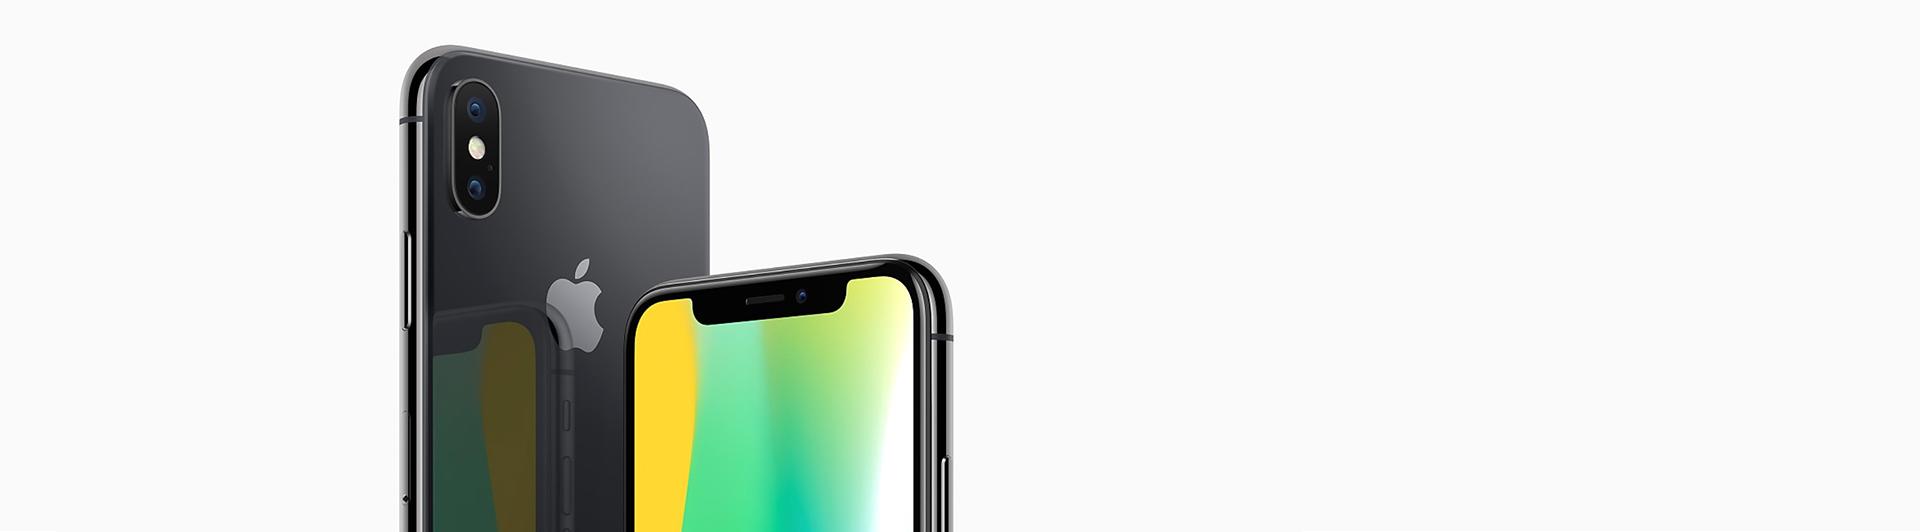 Điện thoại di động iPhone X 64GB Silver camera kép 12 MP, trước 7MP